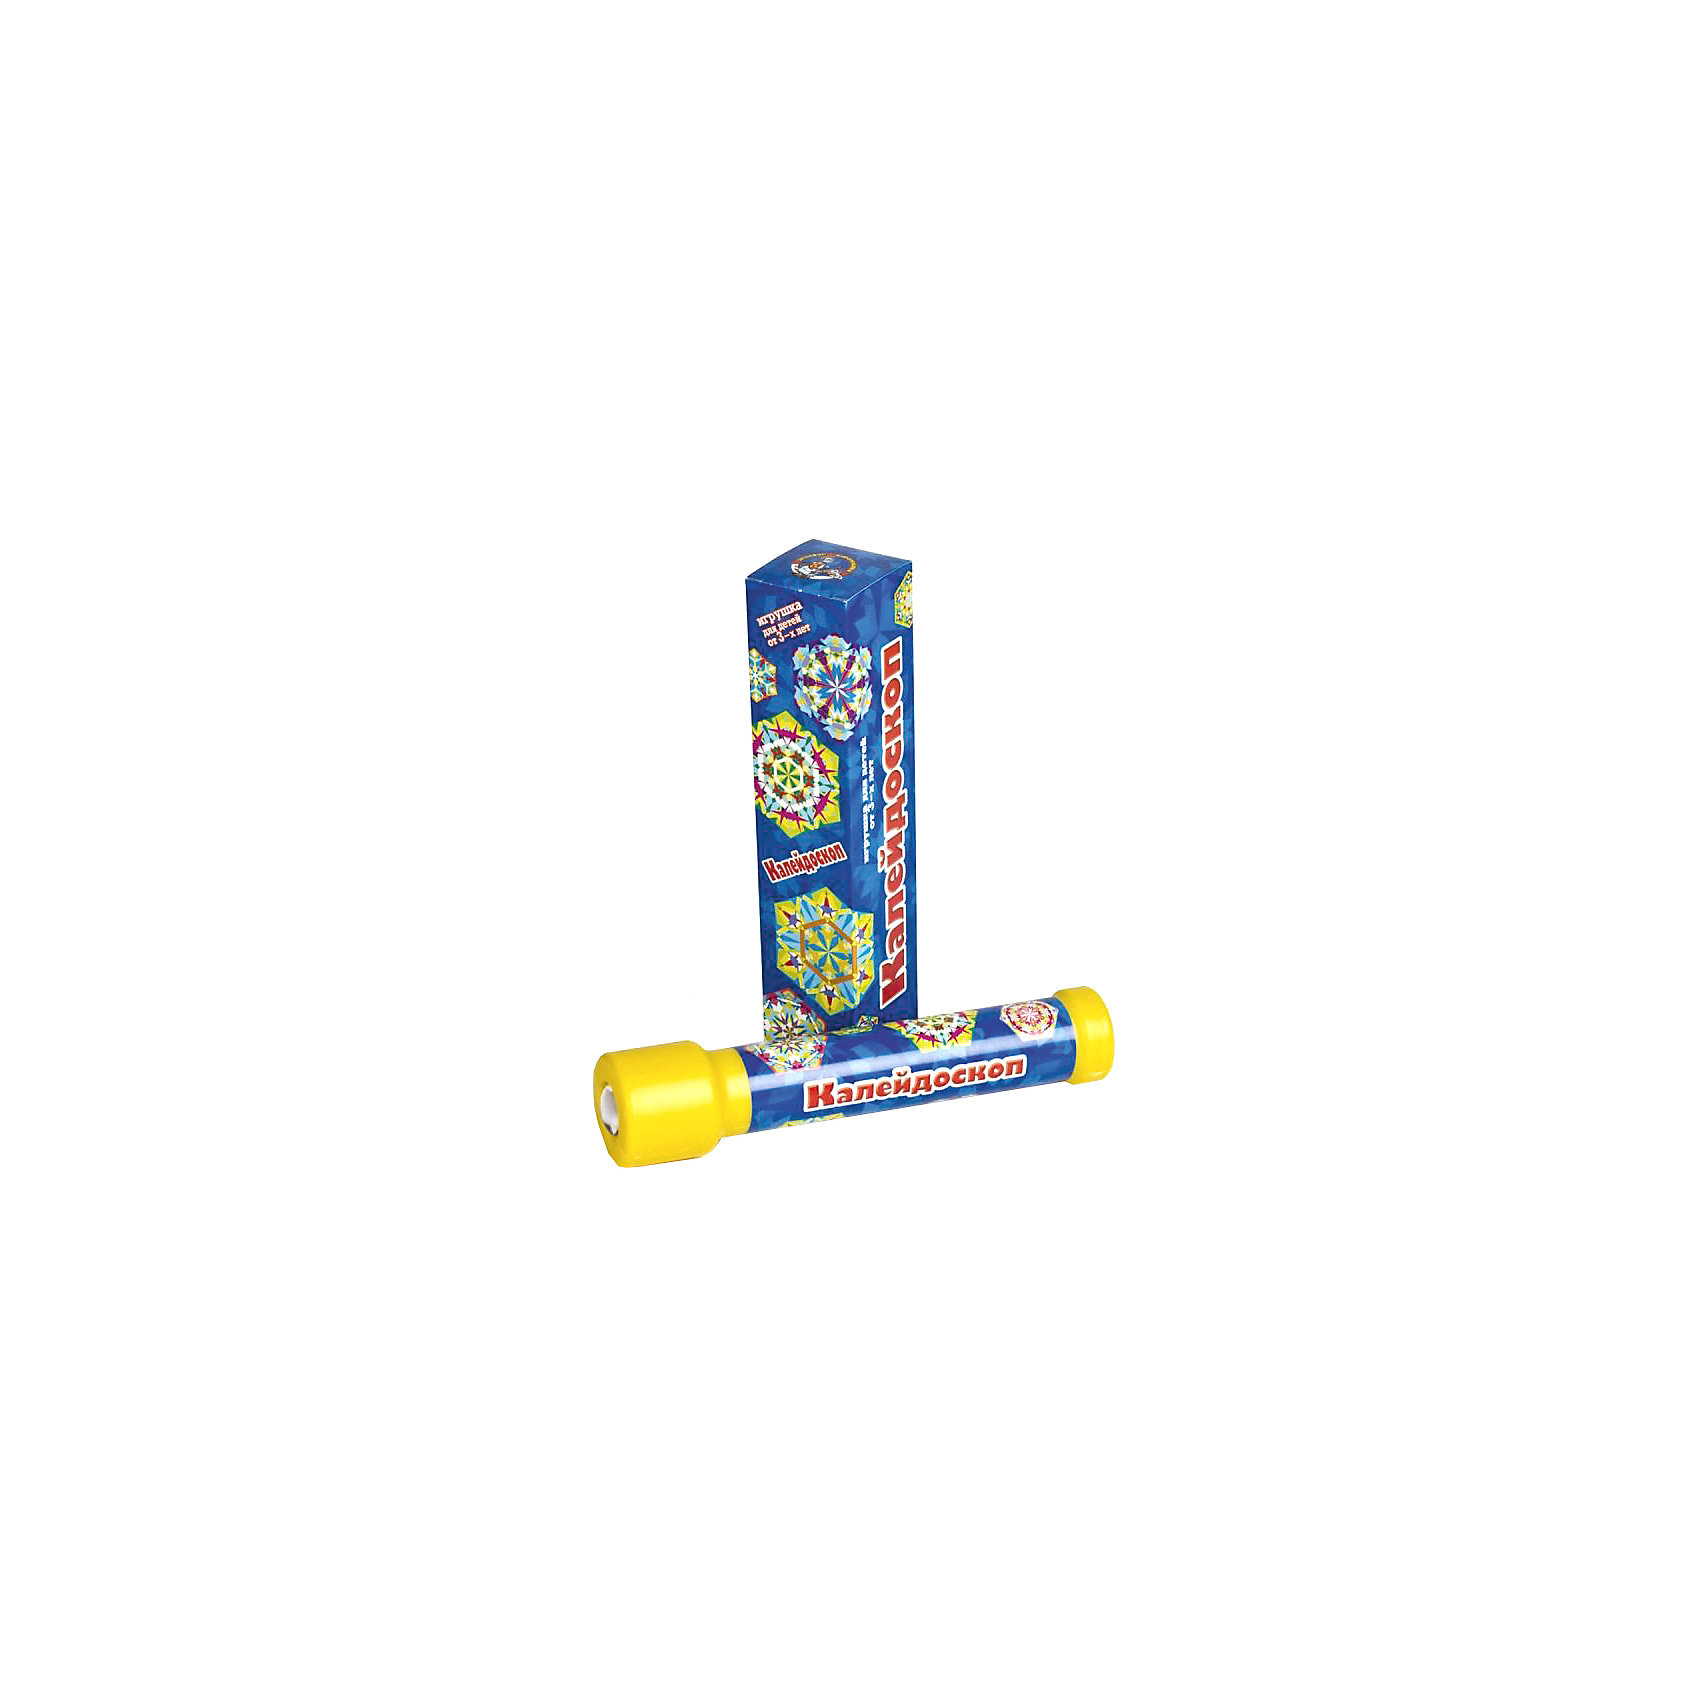 Калейдоскоп, Десятое королевствоИгрушки-антистресс<br>Калейдоскоп, Десятое королевство<br><br>Характеристики: <br><br>• Возраст: от 3 лет<br>• Материал: пластик<br>• Размер игрушки: длина 22см, диаметр 4см<br><br>Этот уникальный оптический калейдоскоп изготовлен из пластика и стекла. Благодаря тому, что внутри него не содержится цветных стеклышек - он полностью безопасен для малышей. <br><br>Узоры получаются за счет отражения от поверхности, на которую направлен калейдоскоп, а так же благодаря увеличительному стеклу и системе зеркал. Лучше всего использовать его при ярком солнечном свете.<br><br>Калейдоскоп, Десятое королевство можно купить в нашем интернет-магазине.<br><br>Ширина мм: 215<br>Глубина мм: 45<br>Высота мм: 45<br>Вес г: 121<br>Возраст от месяцев: 36<br>Возраст до месяцев: 60<br>Пол: Унисекс<br>Возраст: Детский<br>SKU: 5473765